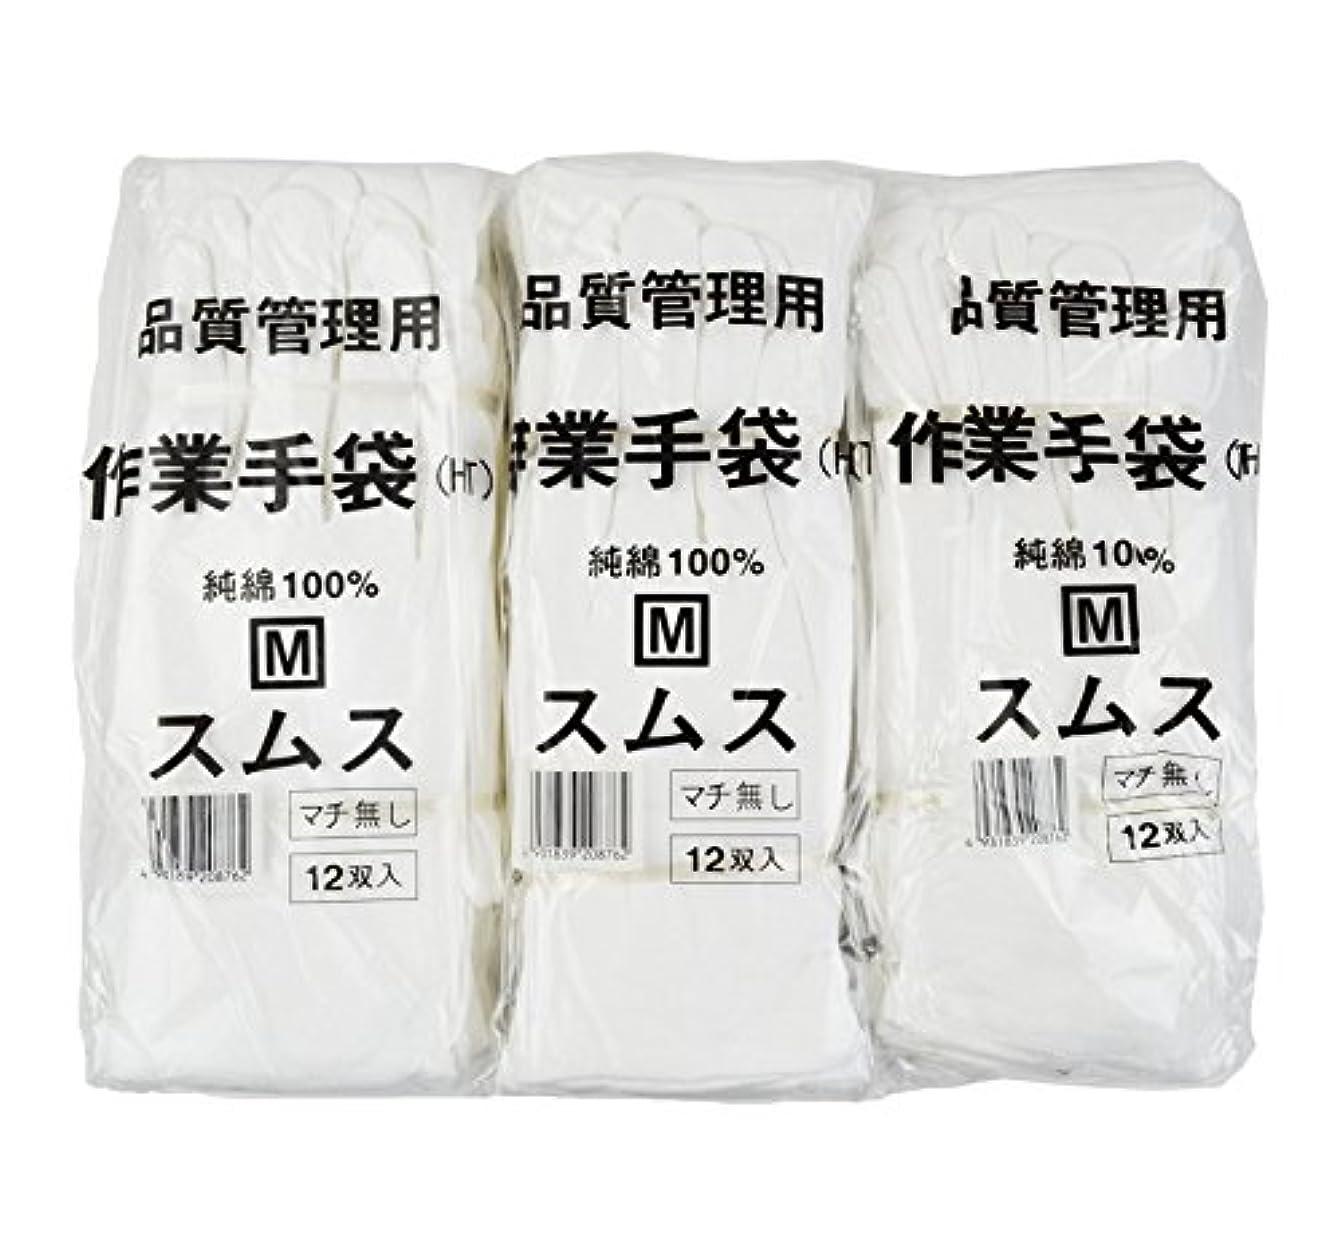 収まるマディソン直接【お得なセット売り】 (36双) 純綿100% スムス 手袋 Mサイズ 12双×3袋セット 多用途 作業手袋 101116